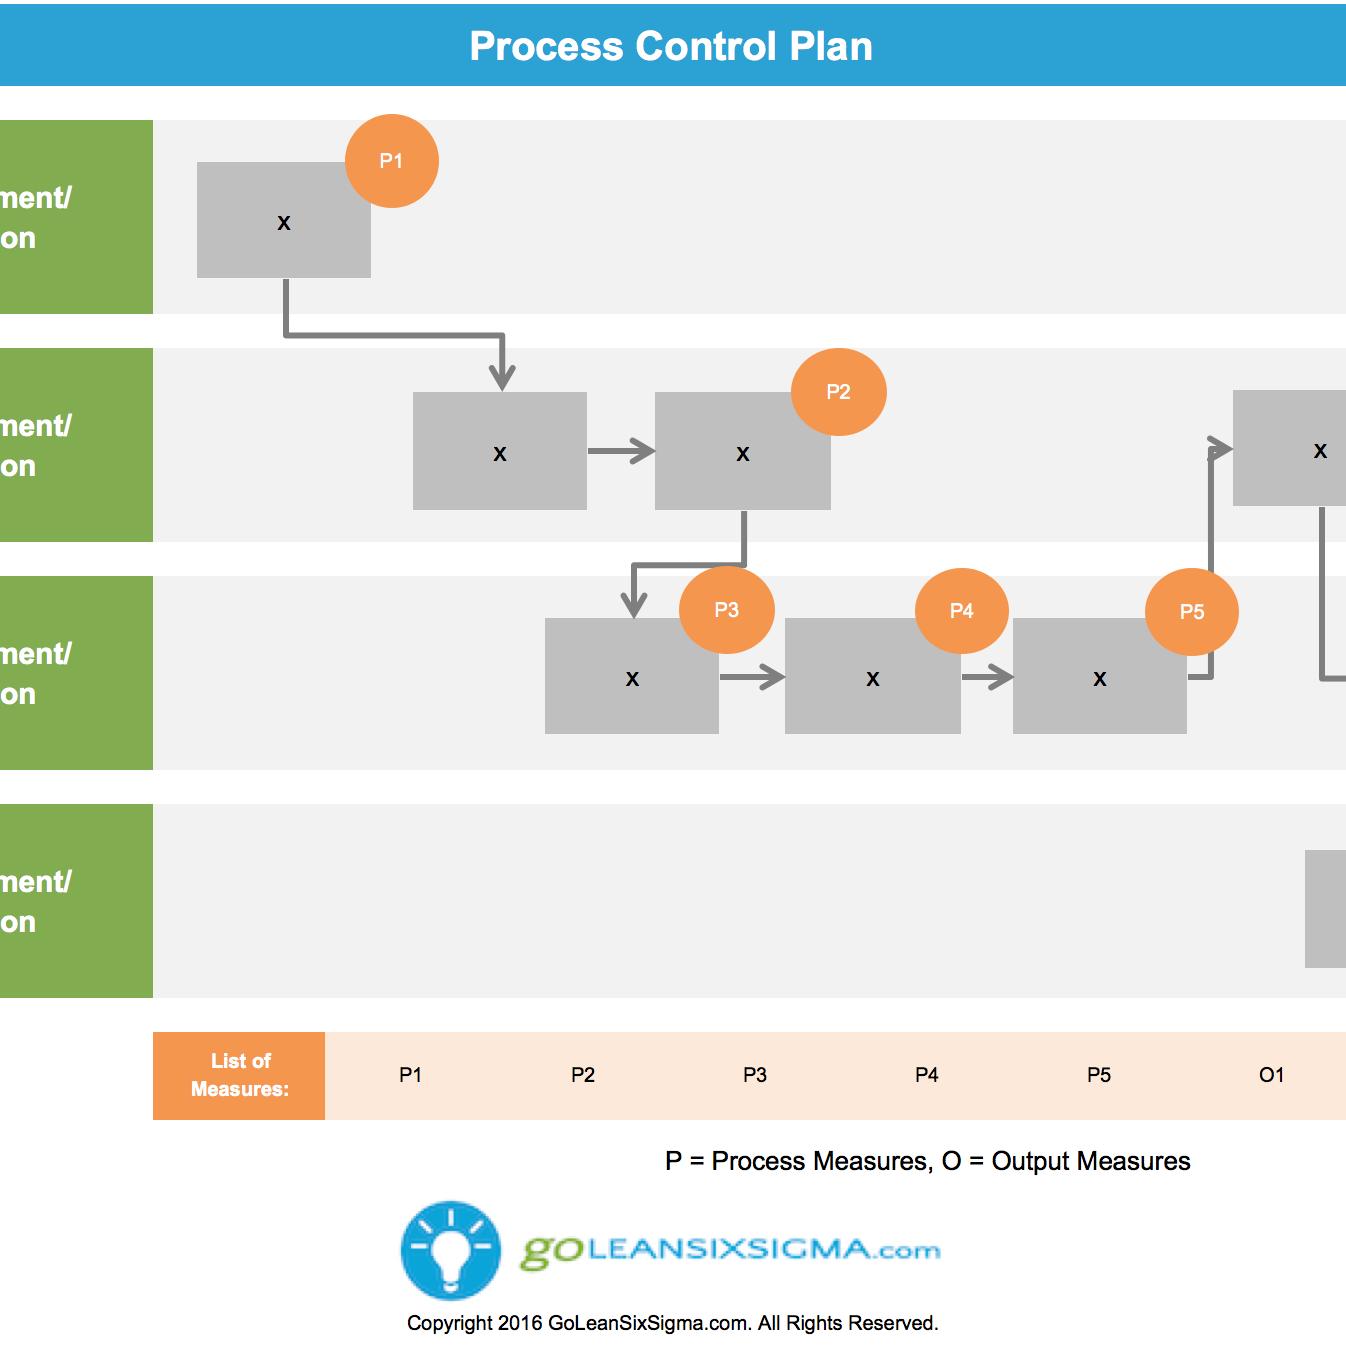 Process-Control-Plan_v3.0_GoLeanSixSigma.com